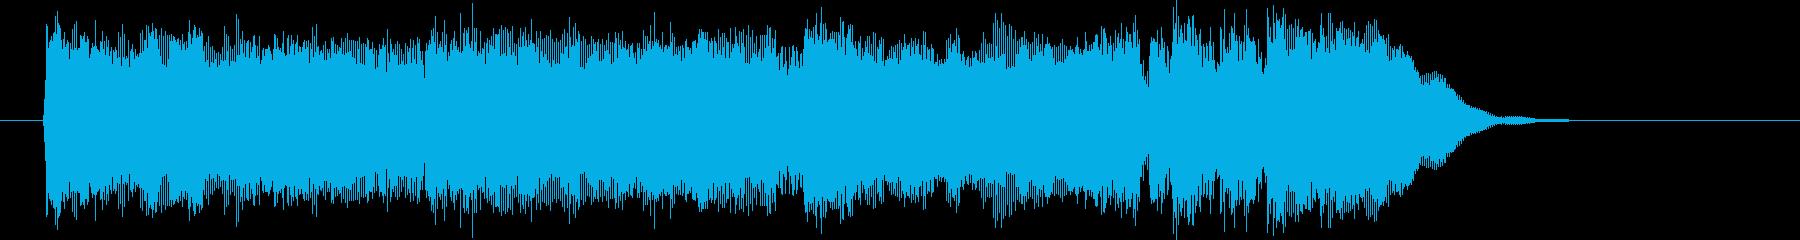 ホーンの音色が盛大に盛り上げてくれる楽曲の再生済みの波形